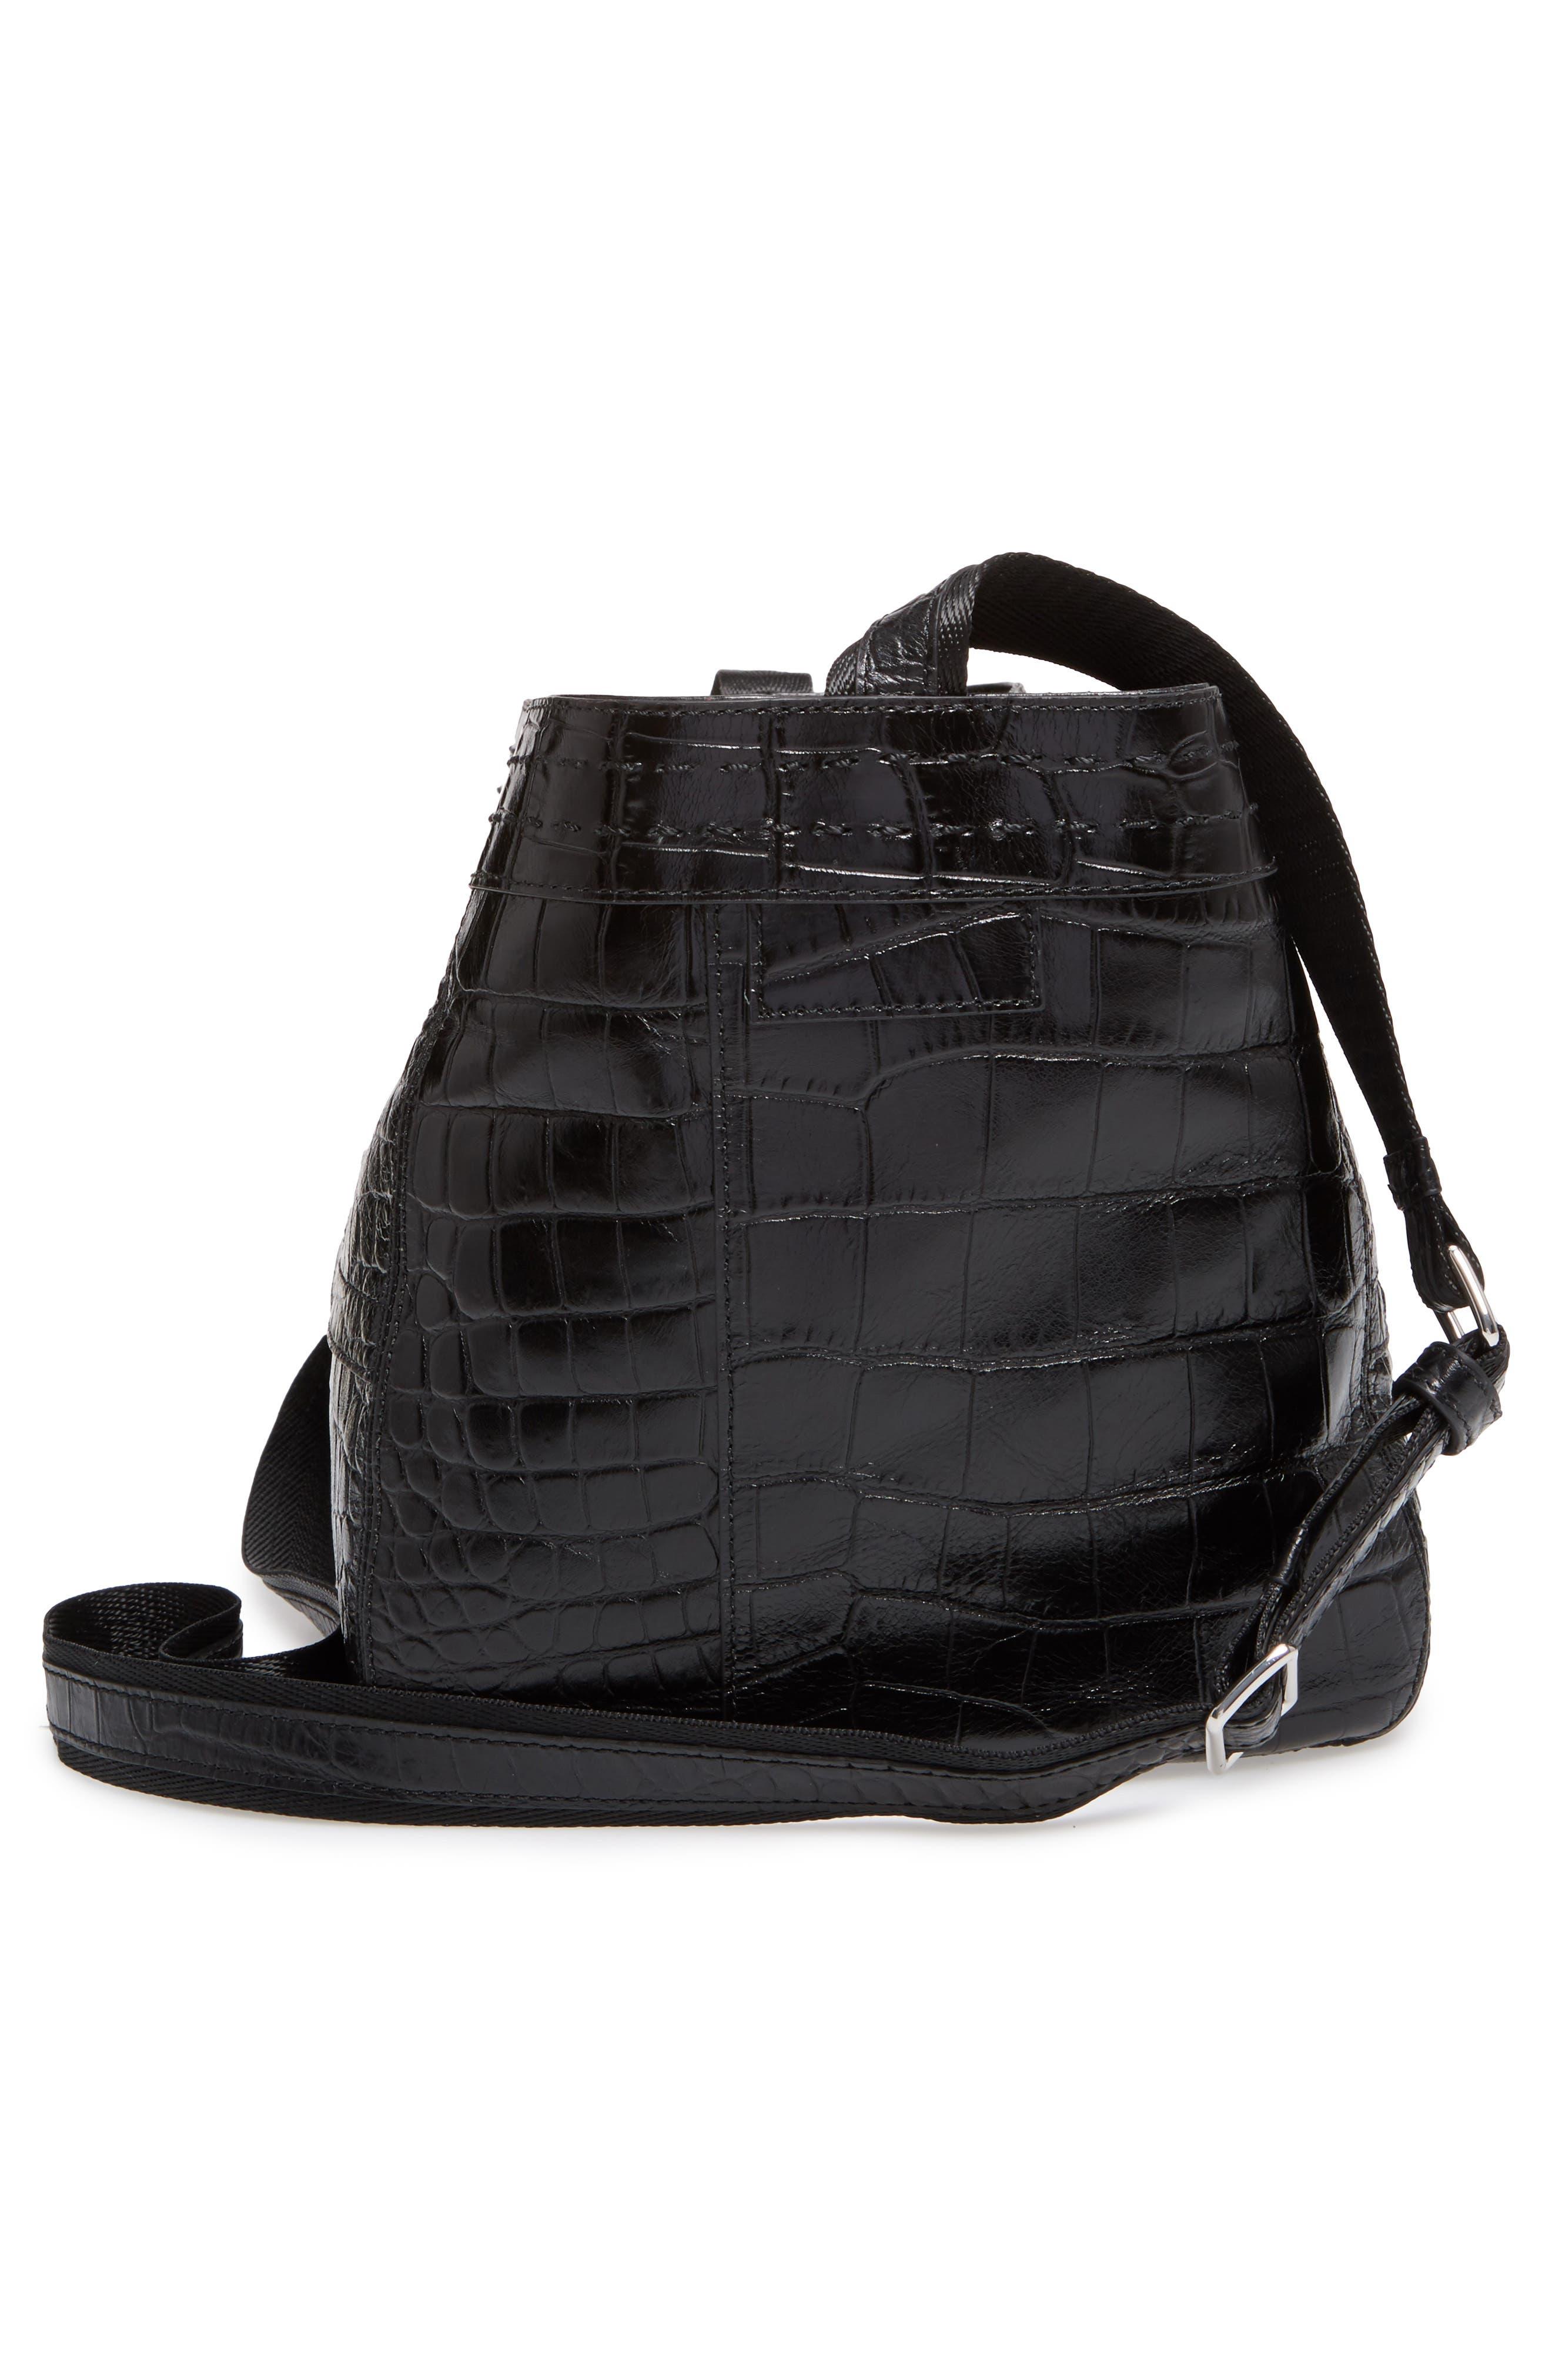 Alternate Image 4  - Elizabeth and James Mini Keely Newspaper Croc Embossed Leather Shoulder/Crossbody Bag